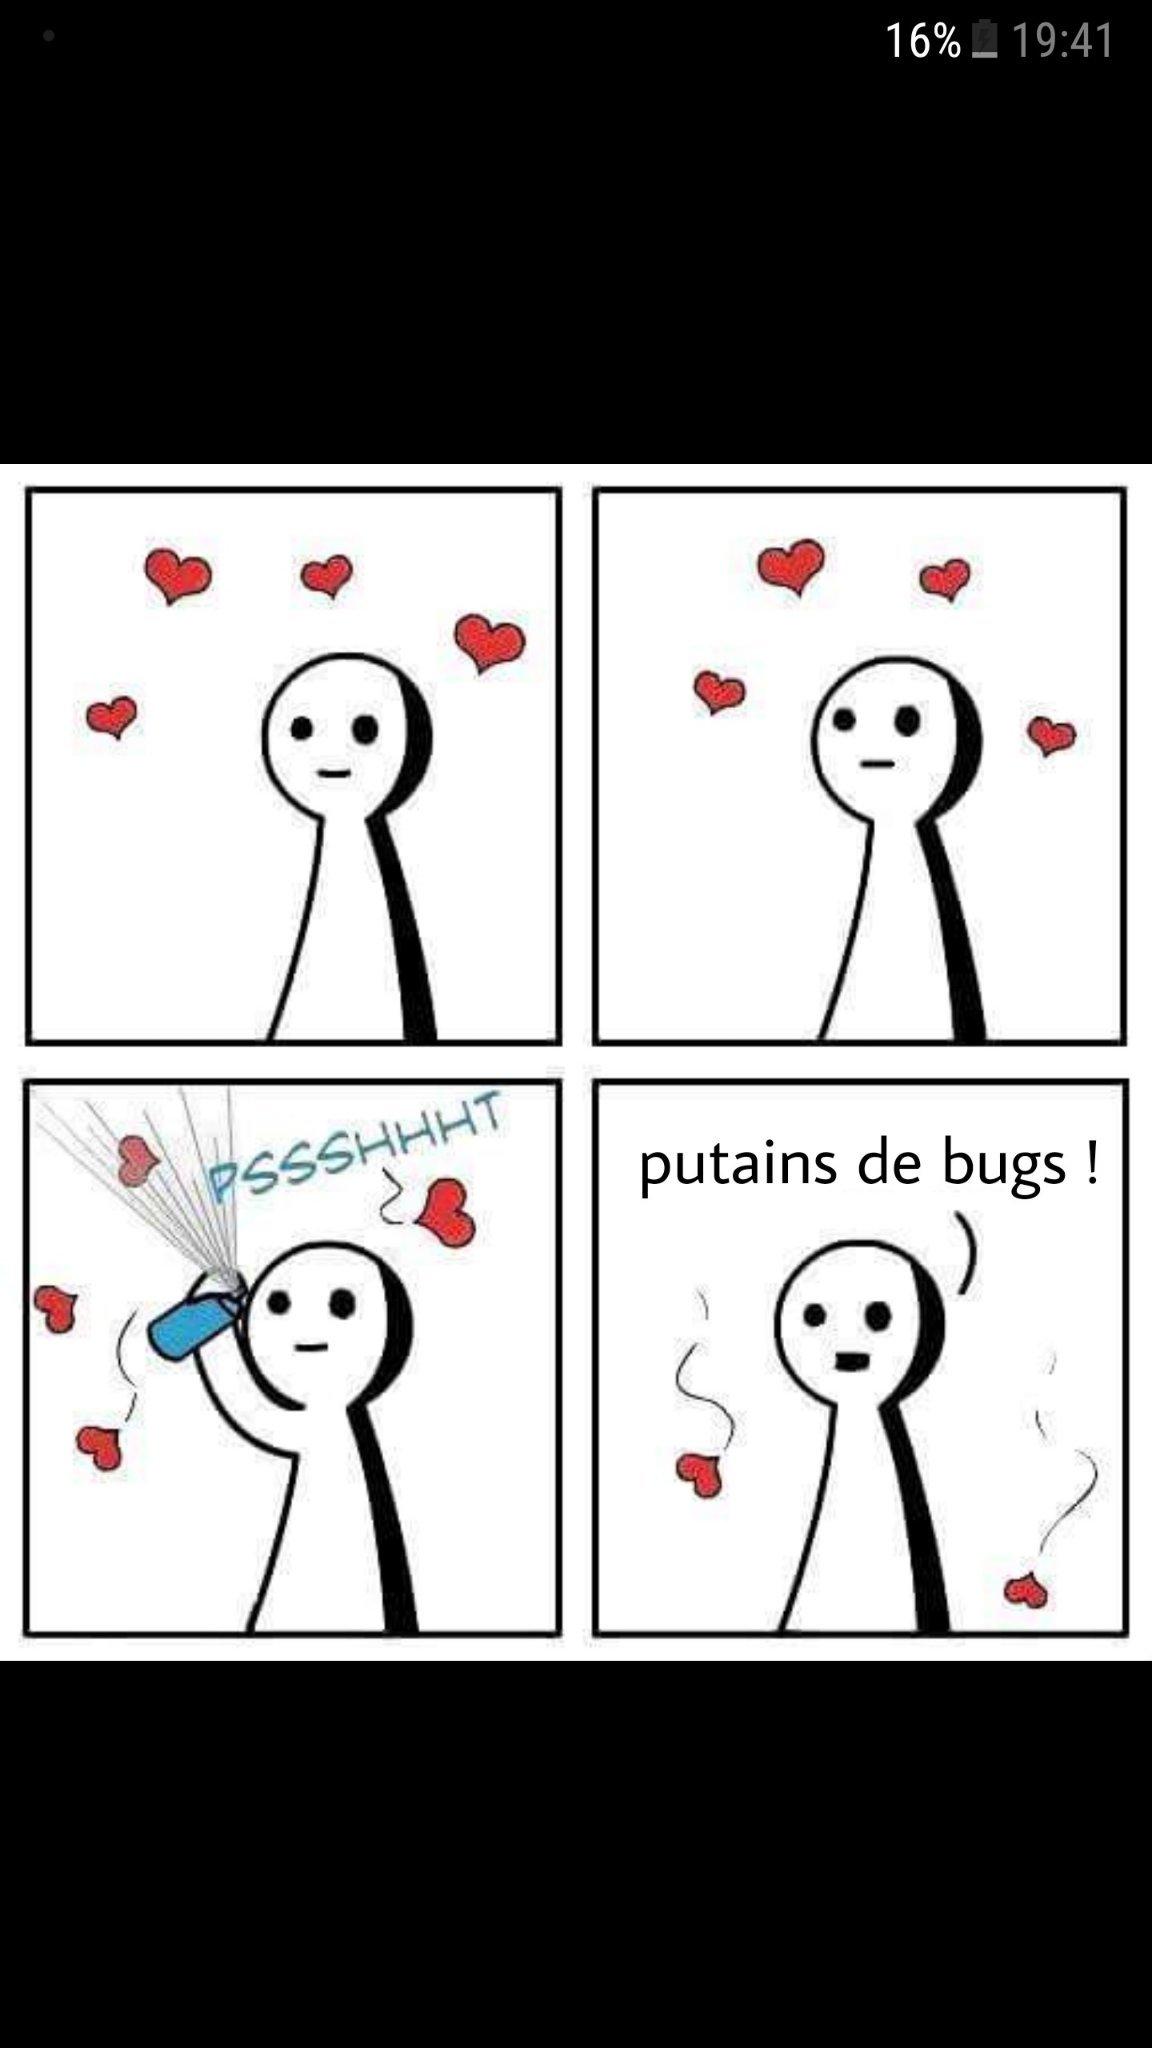 Pas l amour bordel ! - meme